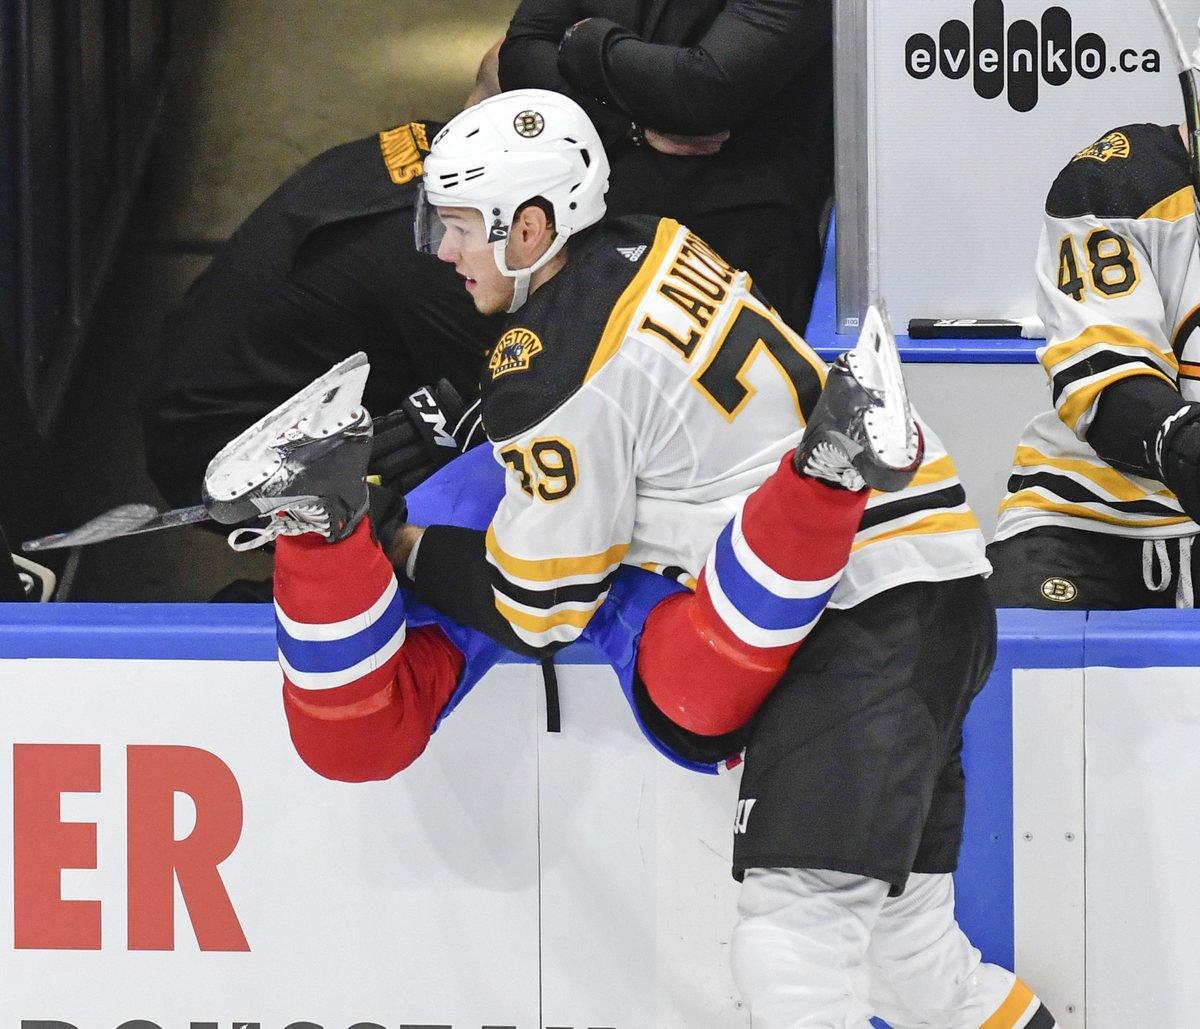 Tassez-vous, voilà Jérémy Lauzon : https://t.co/P8Mh3ywC9V #Bruins htt...